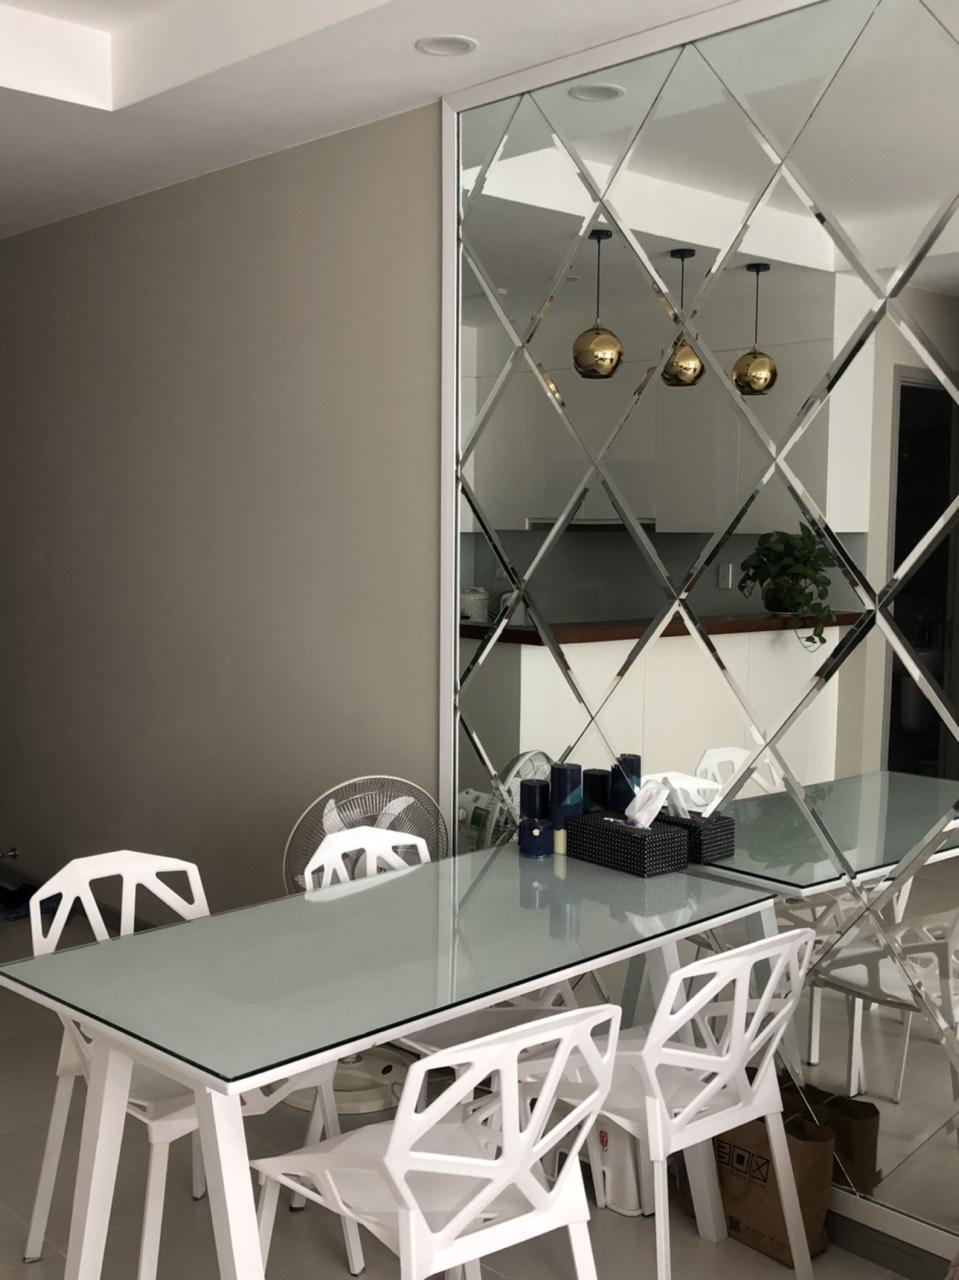 Căn hộ Tresor bến Vân Đồn Q4 lầu cao, view cực đẹp cần cho thuê, 65m2, giá thuê 15tr - Ảnh 3